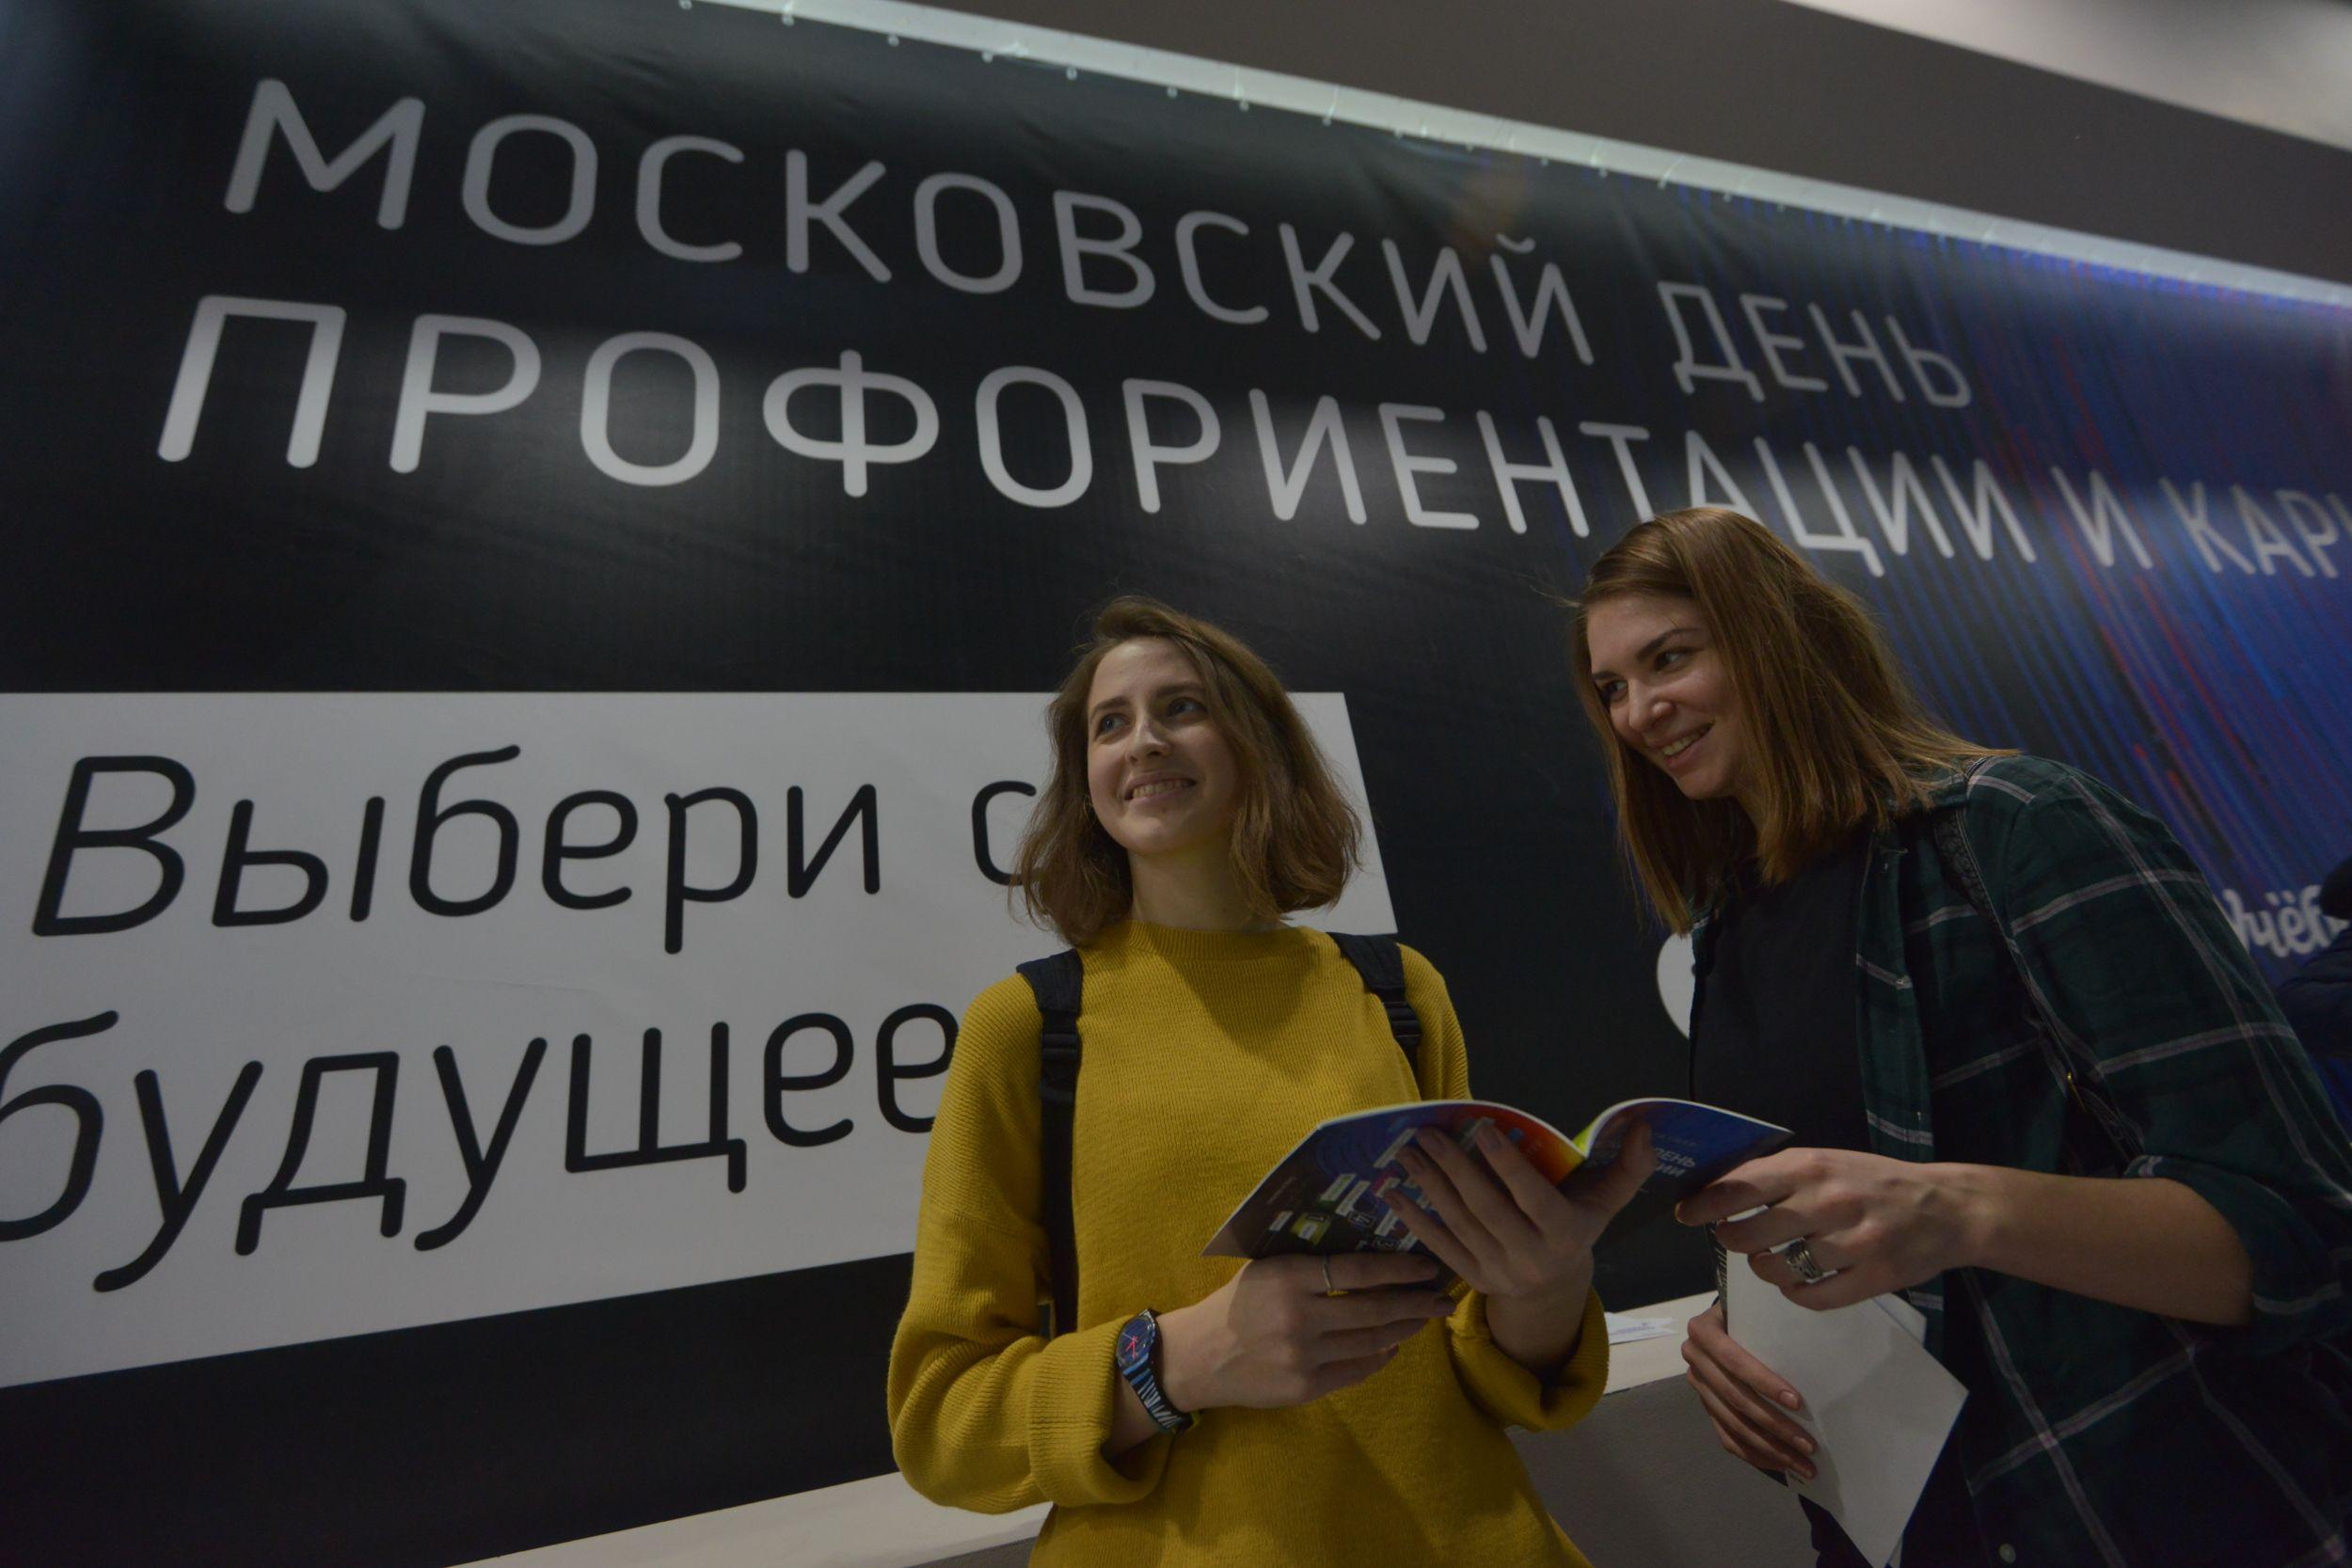 Московских студентов и школьников пригласили на профориентацию